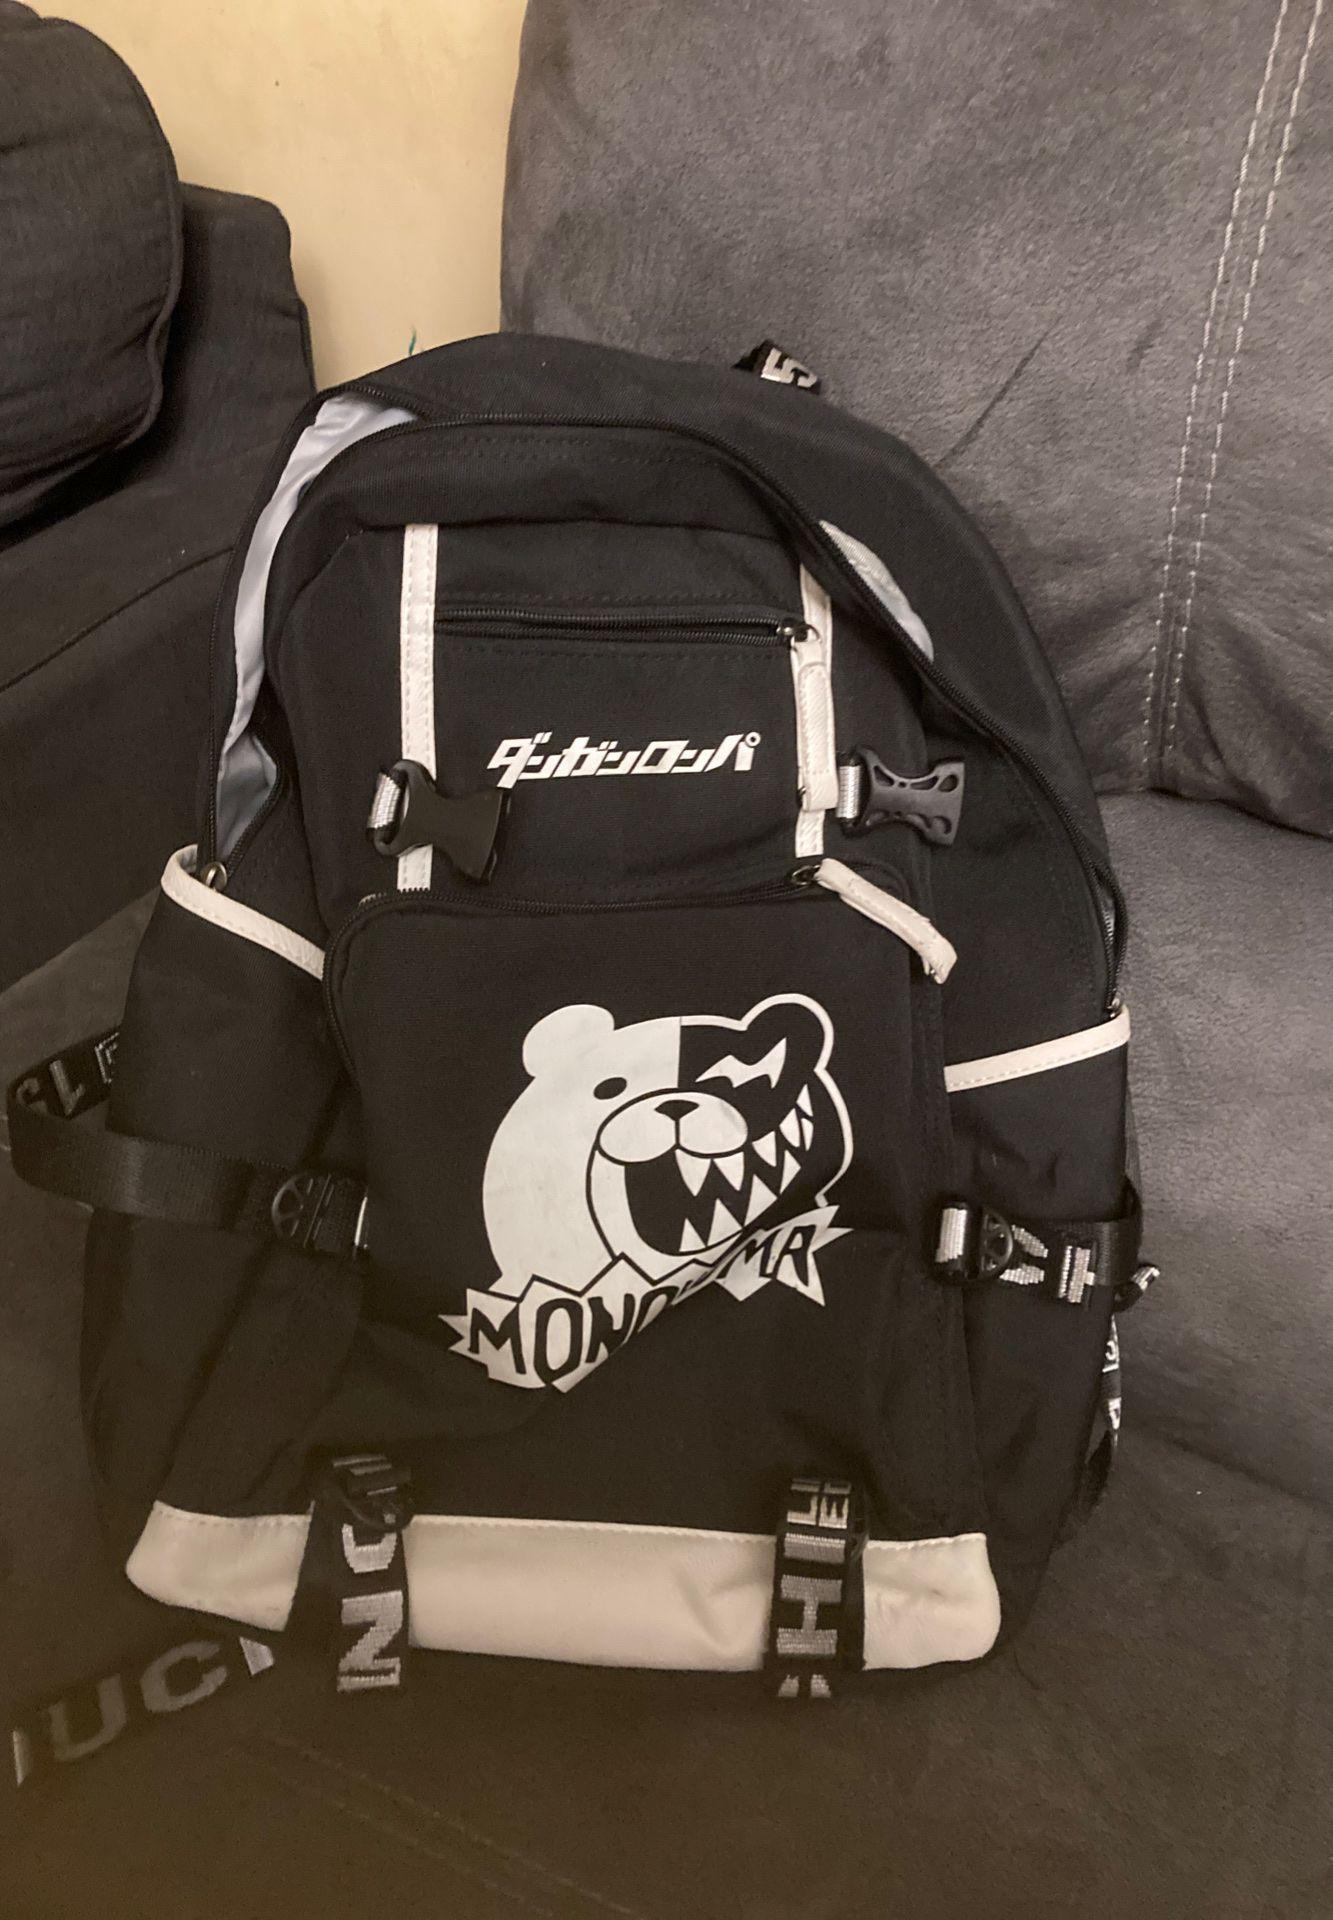 danganronpa backpack